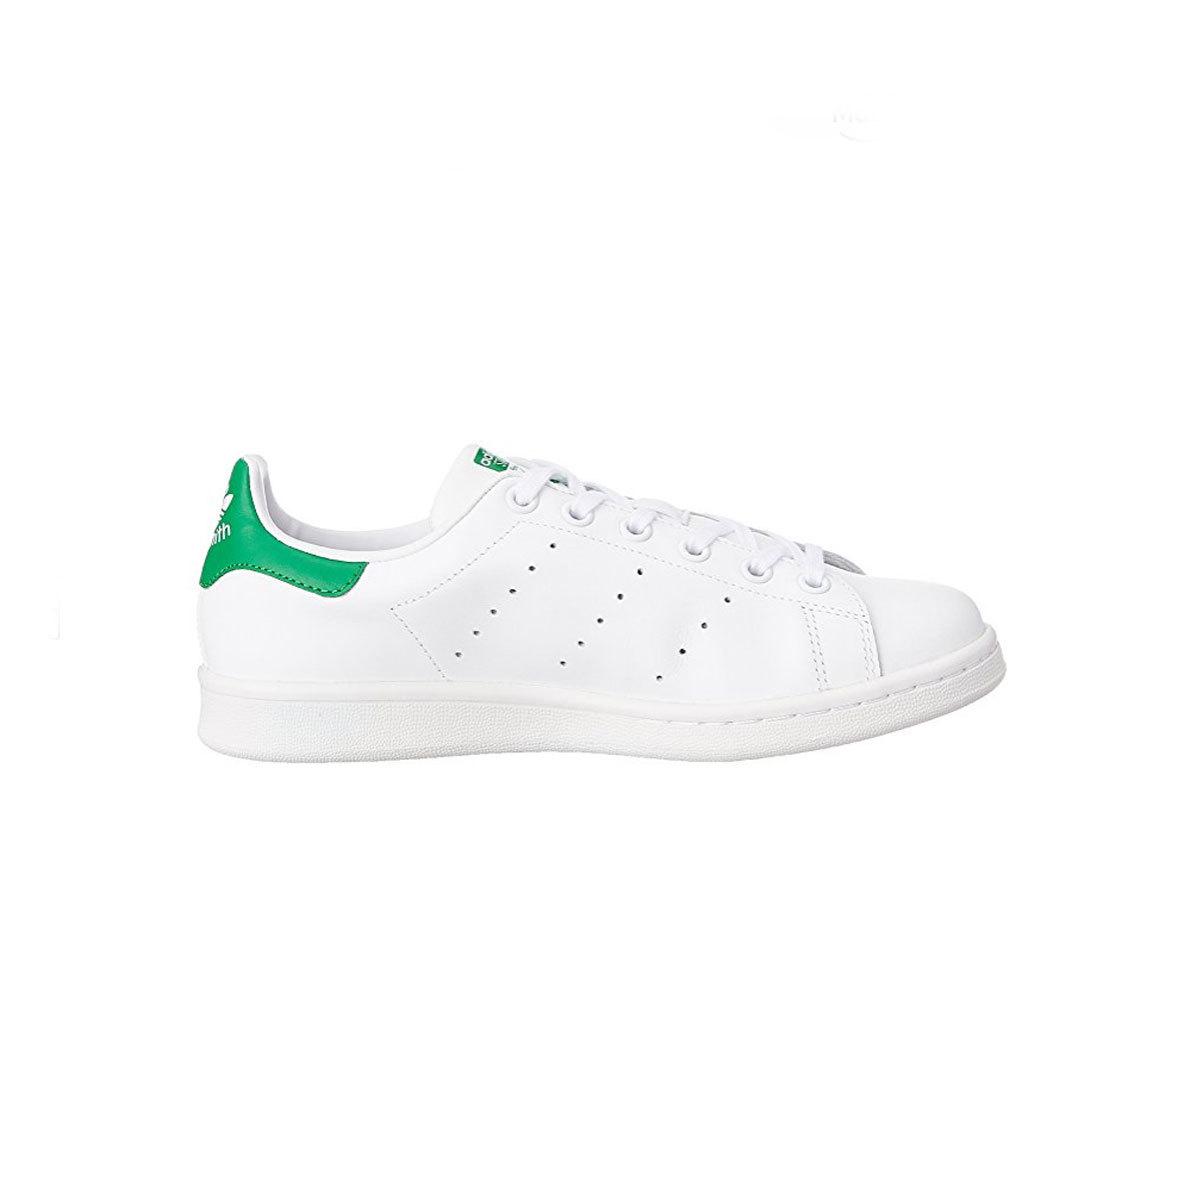 Sneakers blancas con detalle verde, modelo Stan Smith de Adidas,...